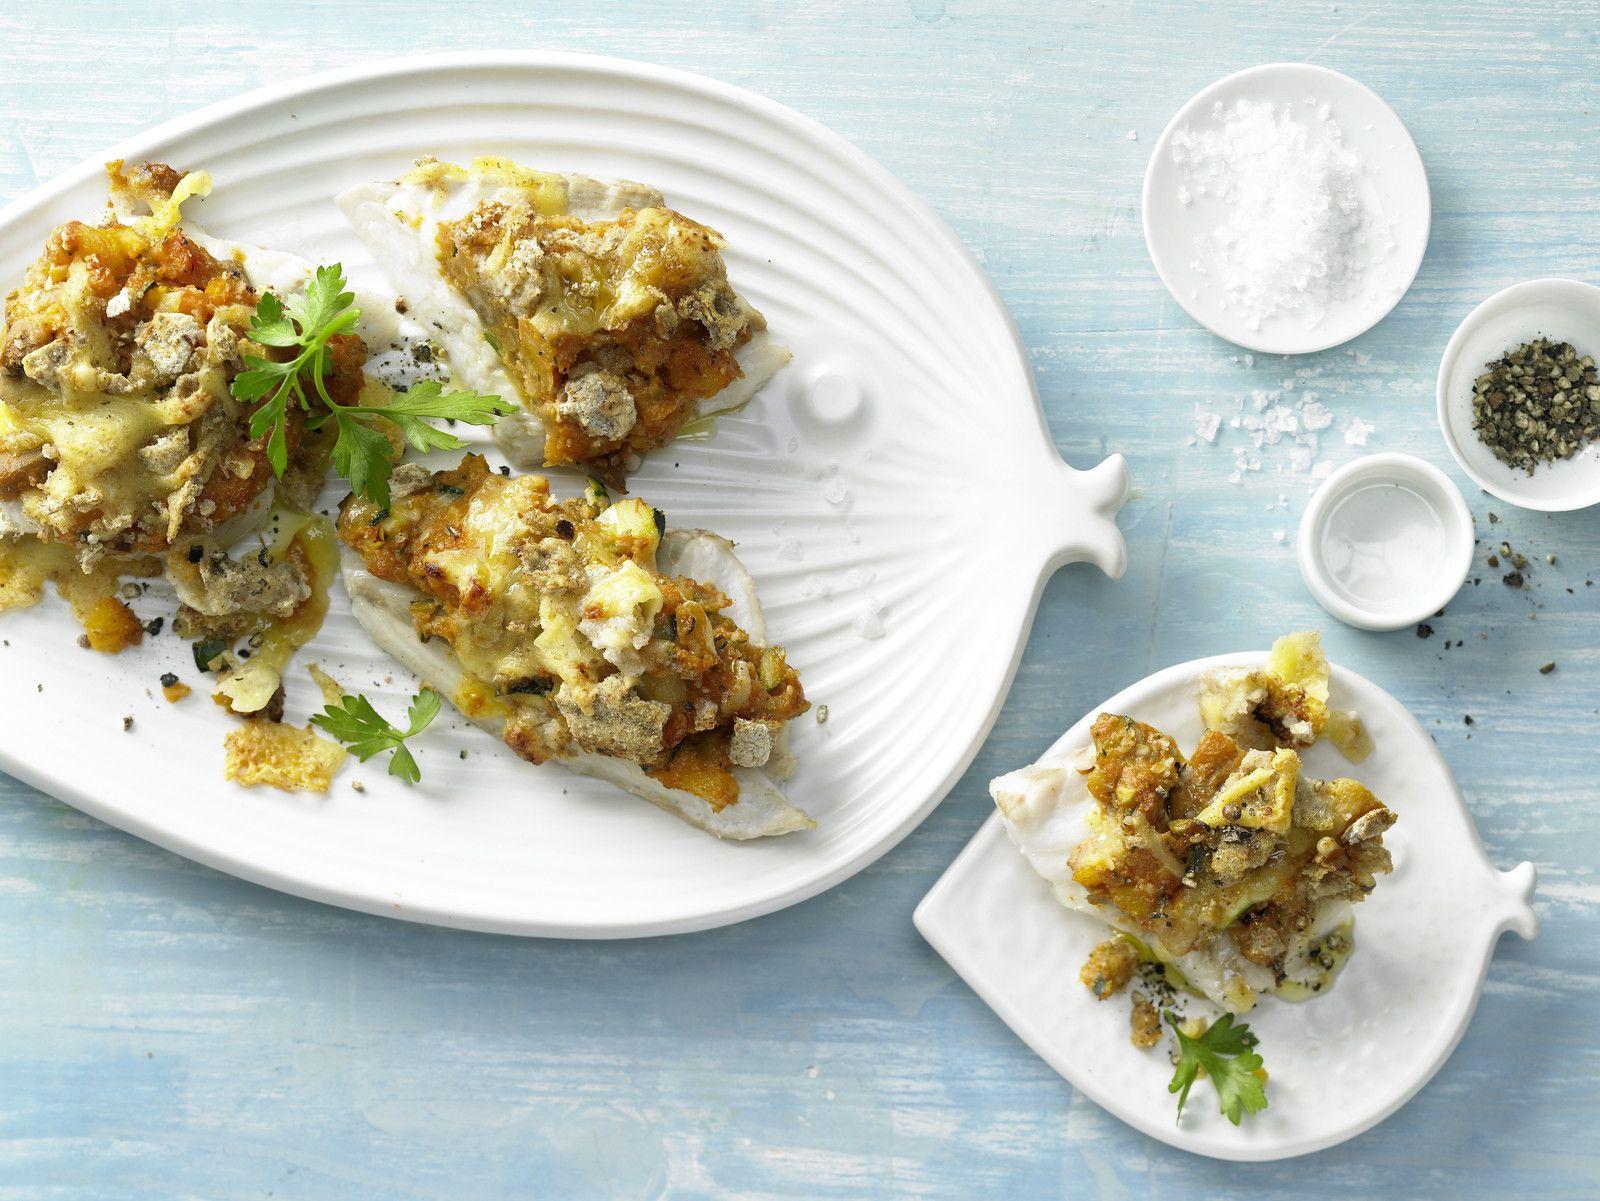 Mediterrane Sommerküche Rezepte : Mediterrane rezepte eat smarter